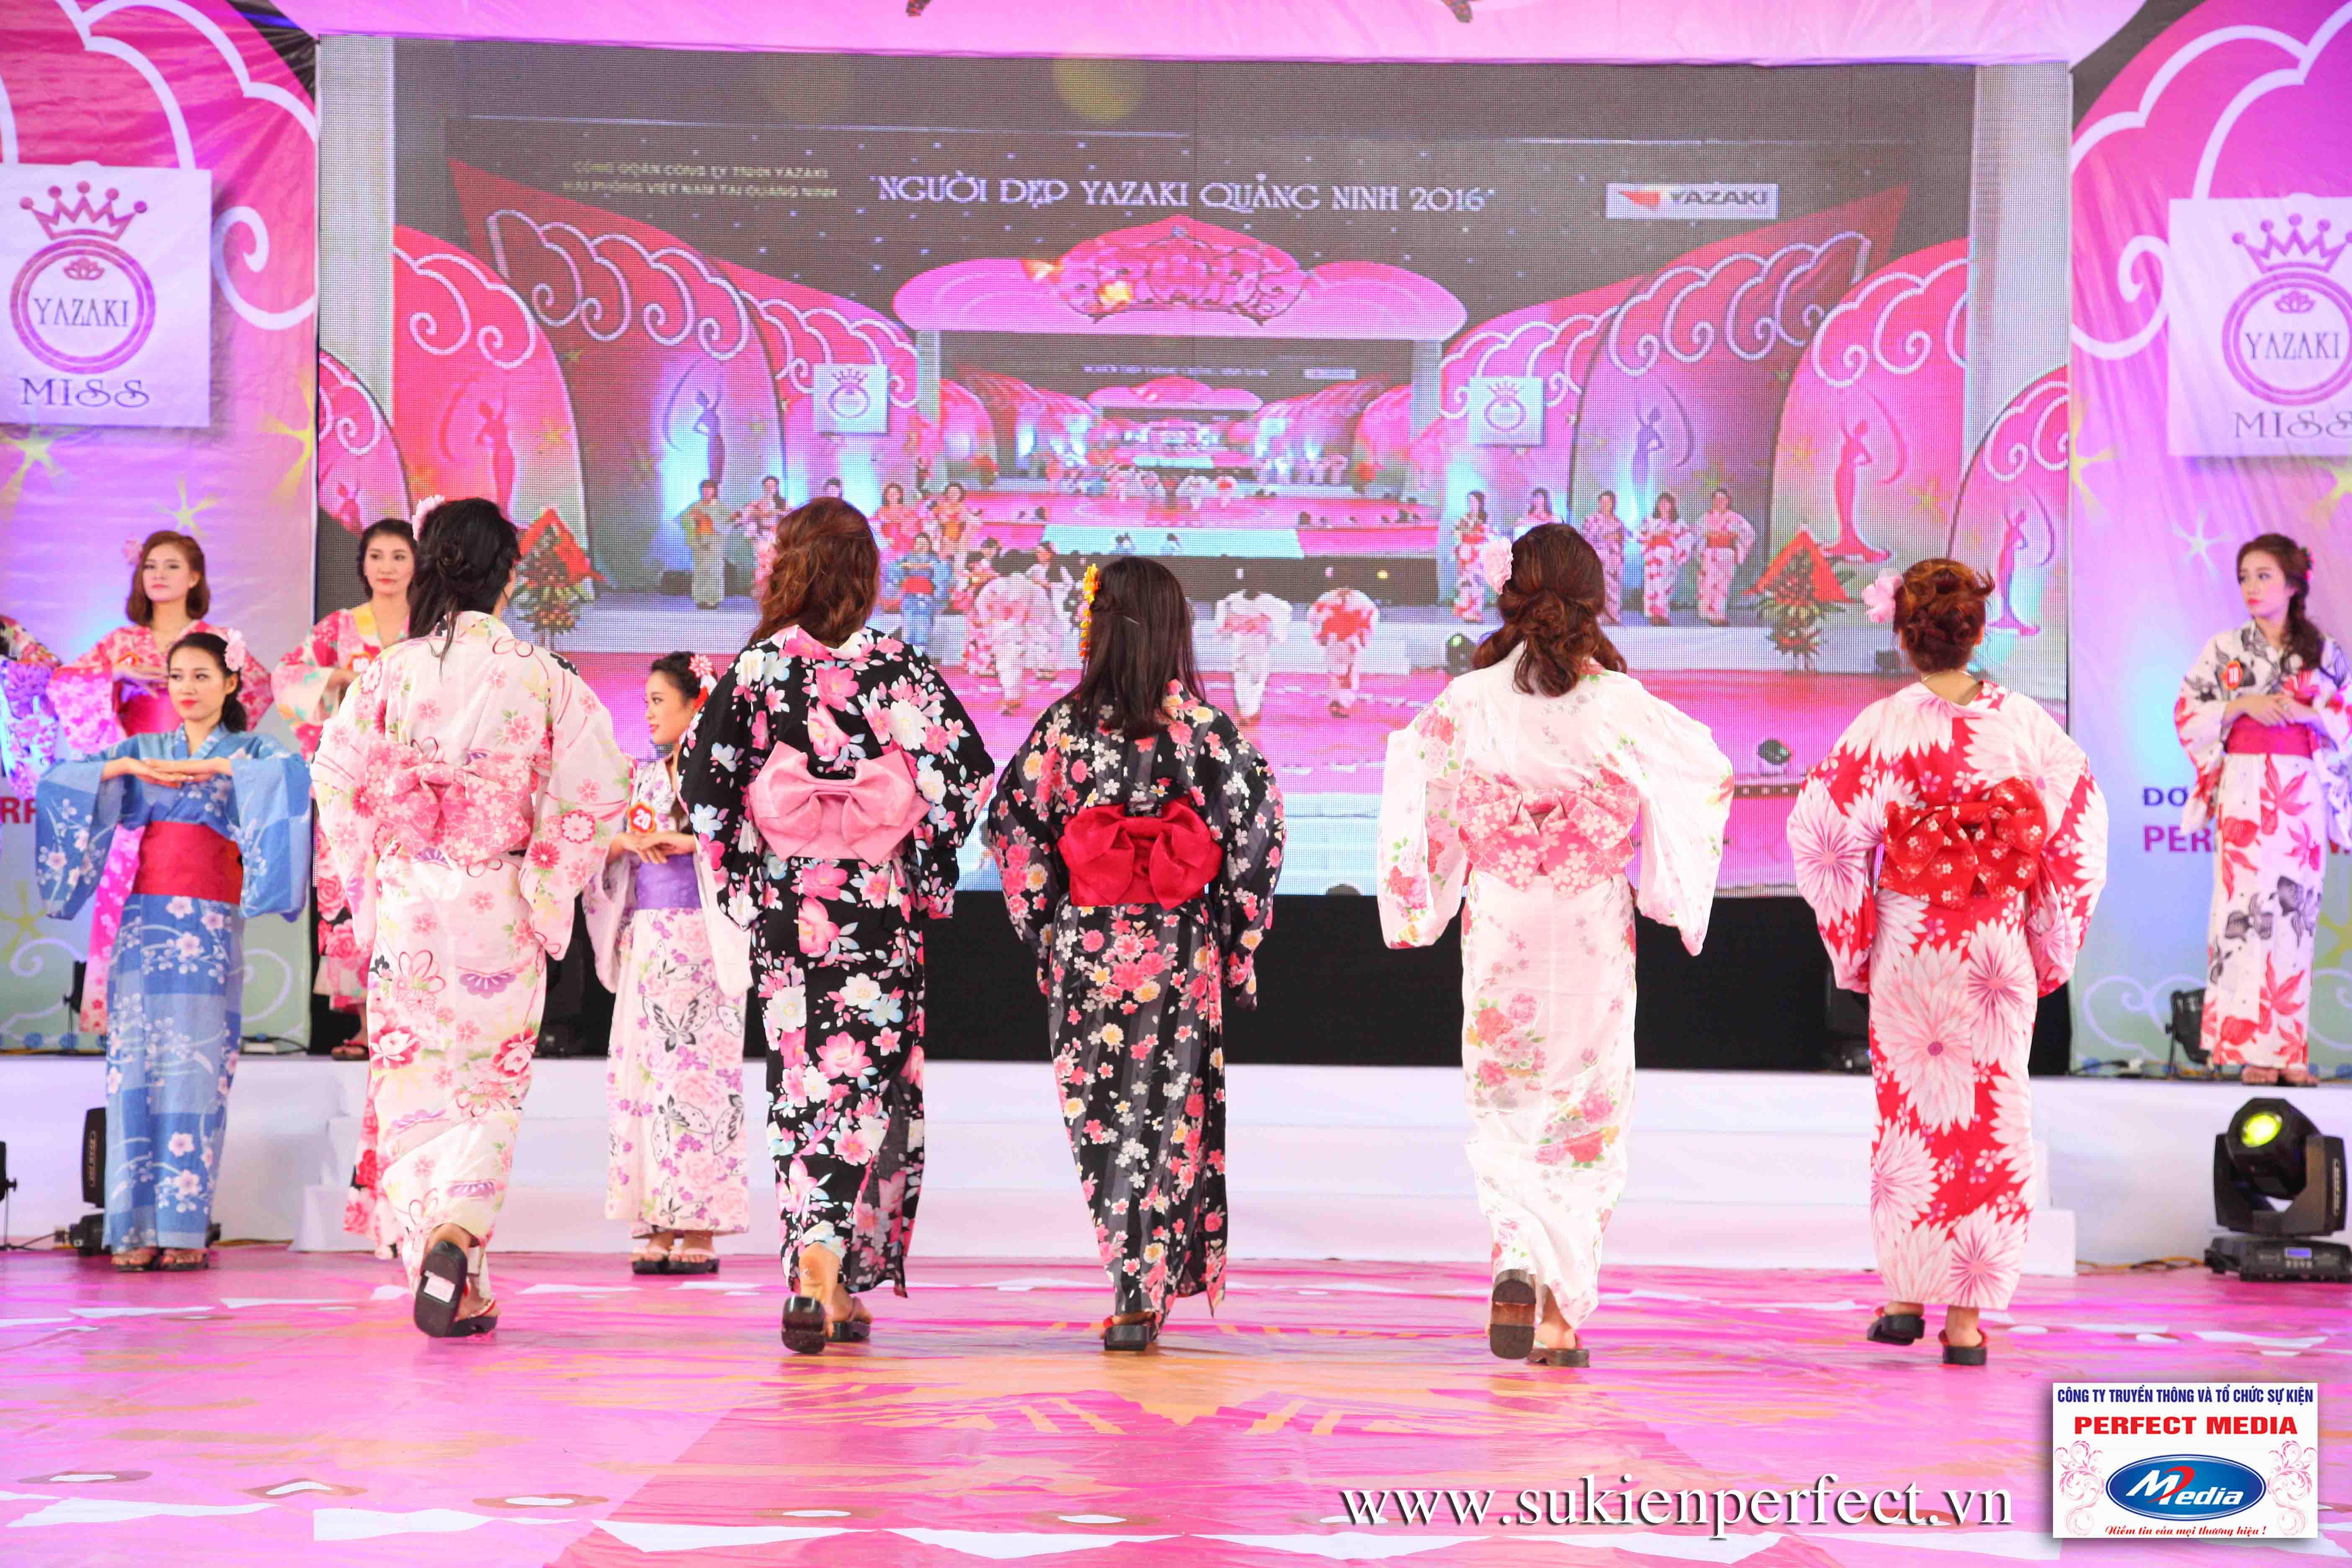 Hình ảnh các thí sinh trong trang phục Kimono - Người đẹp Yazaki Quảng Ninh 2016 - 26